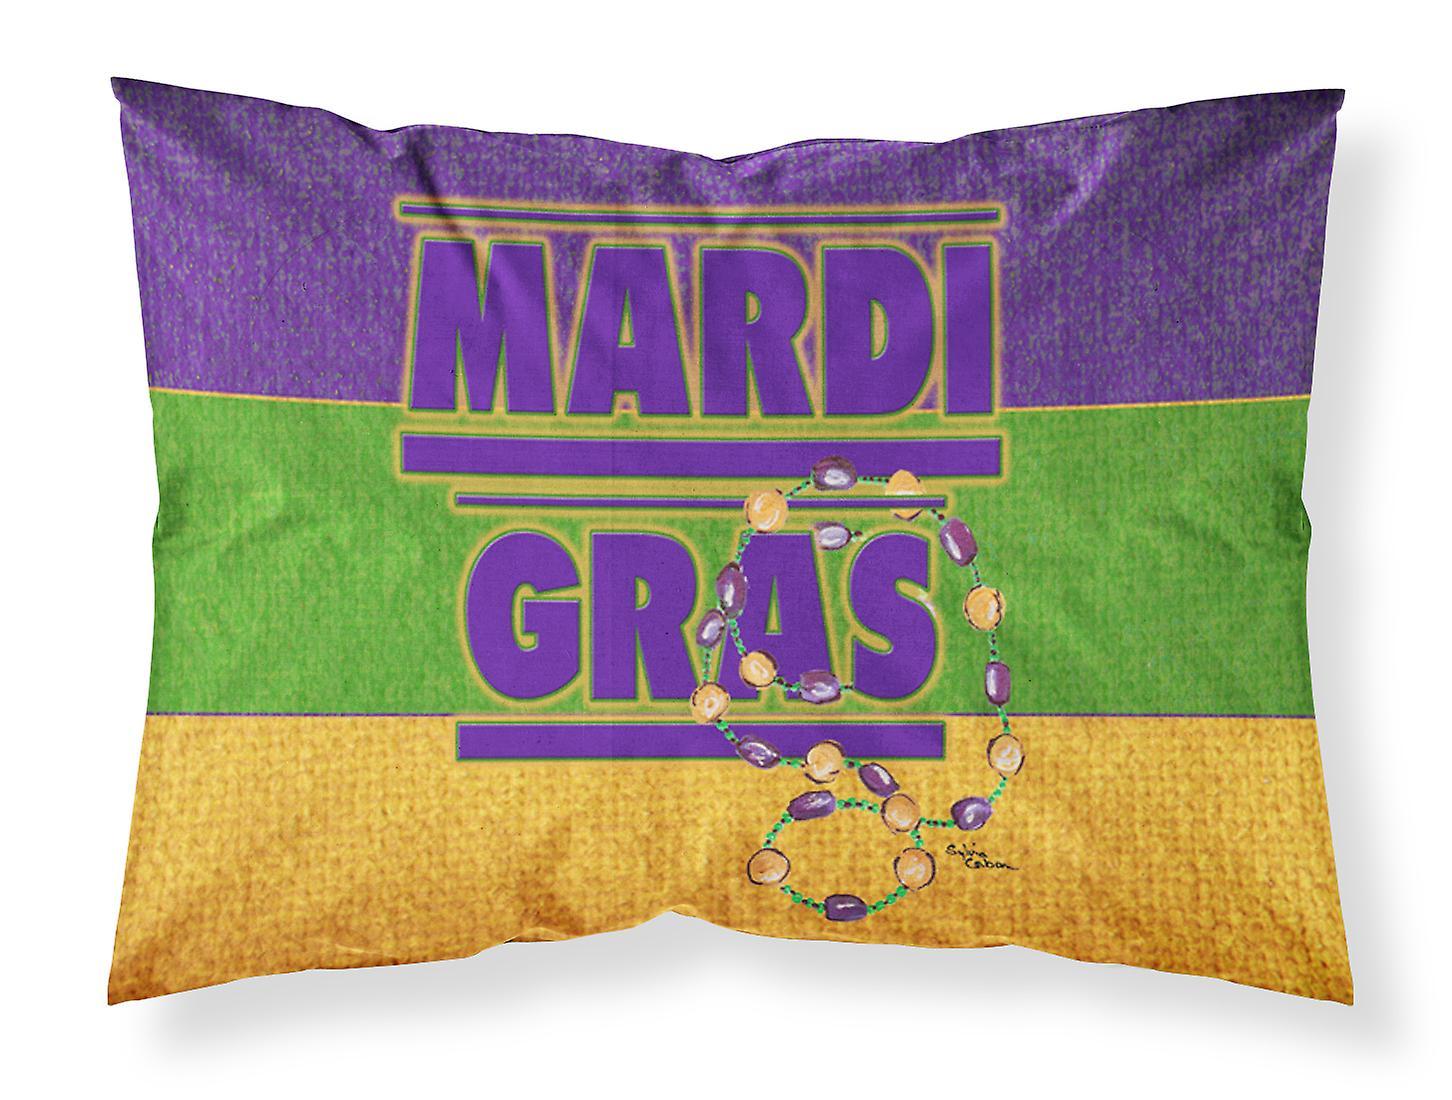 Carolines Mardi De Tissu Mèche Trésors Norme 8388pillowcase L'humidité Gras EWHD29IY